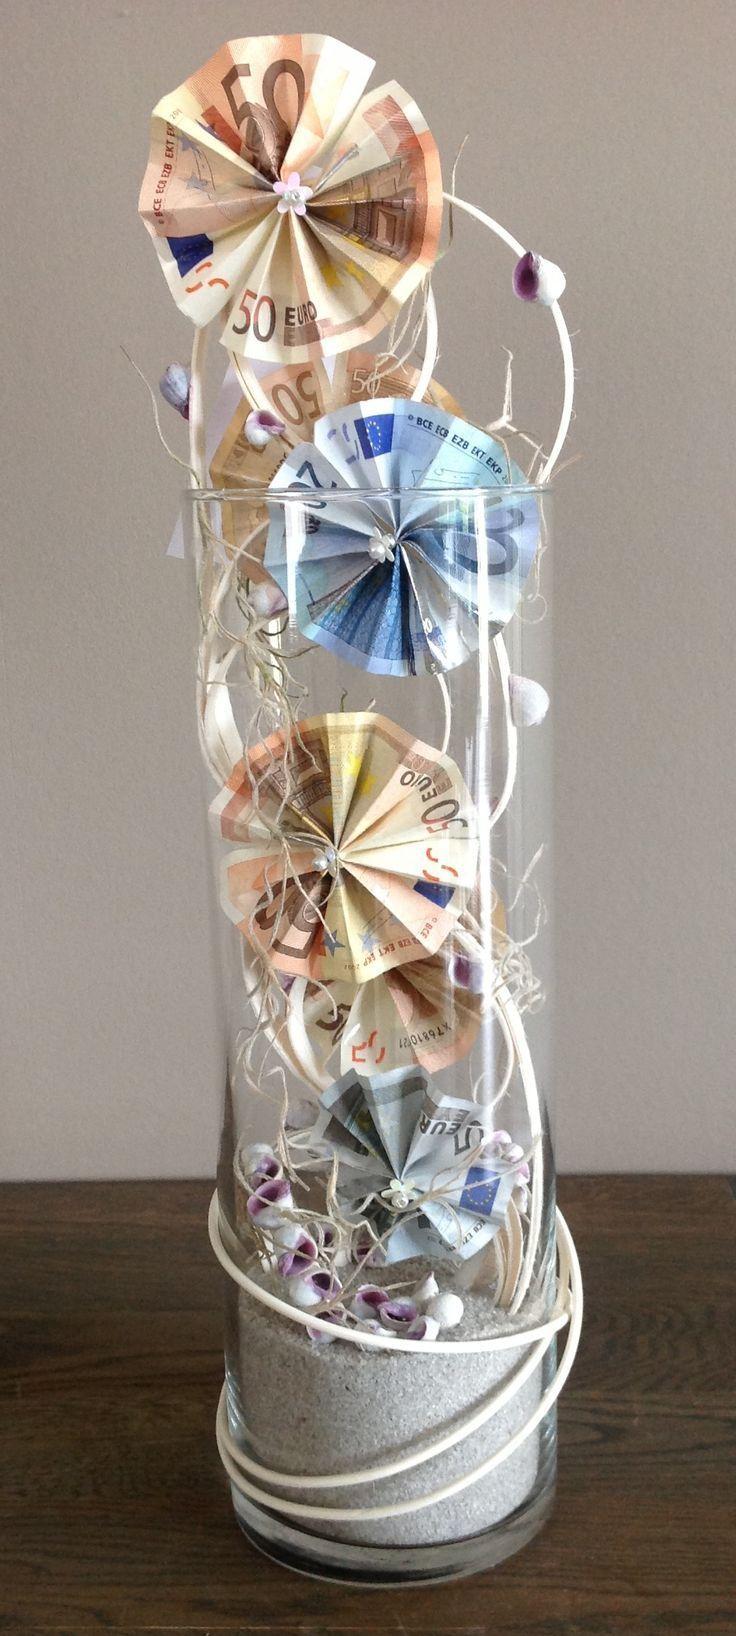 Hochzeitsgeschenk Geld kreativ verpacken: 71 DIY Hochzeitsgeschenke Ideen - DIY, Hochzeit - ZENIDEEN